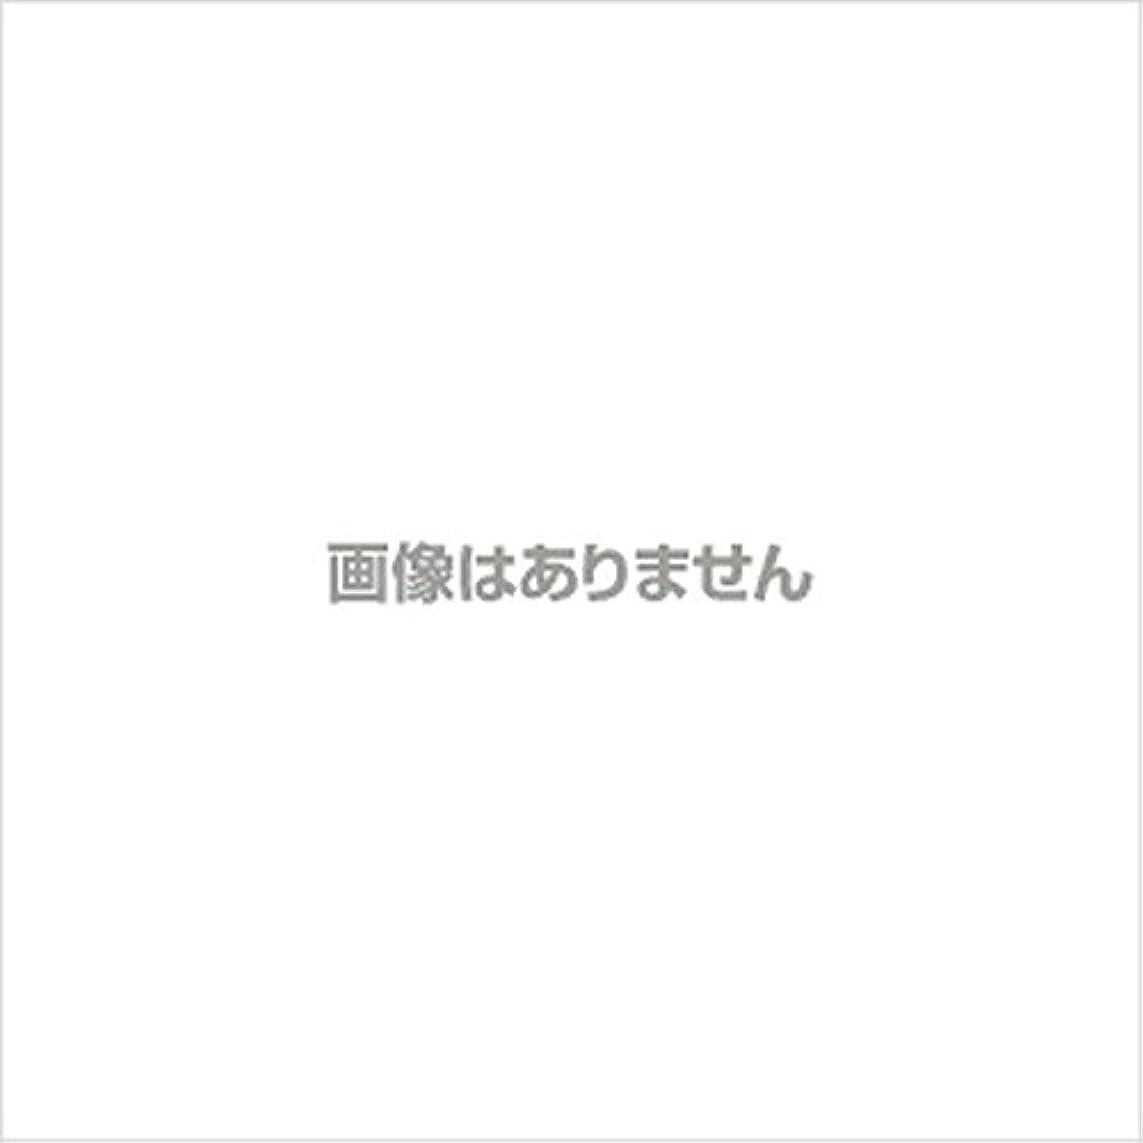 最も早い特権大工【新発売】EBUKEA エブケアNO1004 プラスチックグローブ(パウダーフリー?粉なし)Sサイズ 100枚入(極薄?半透明)